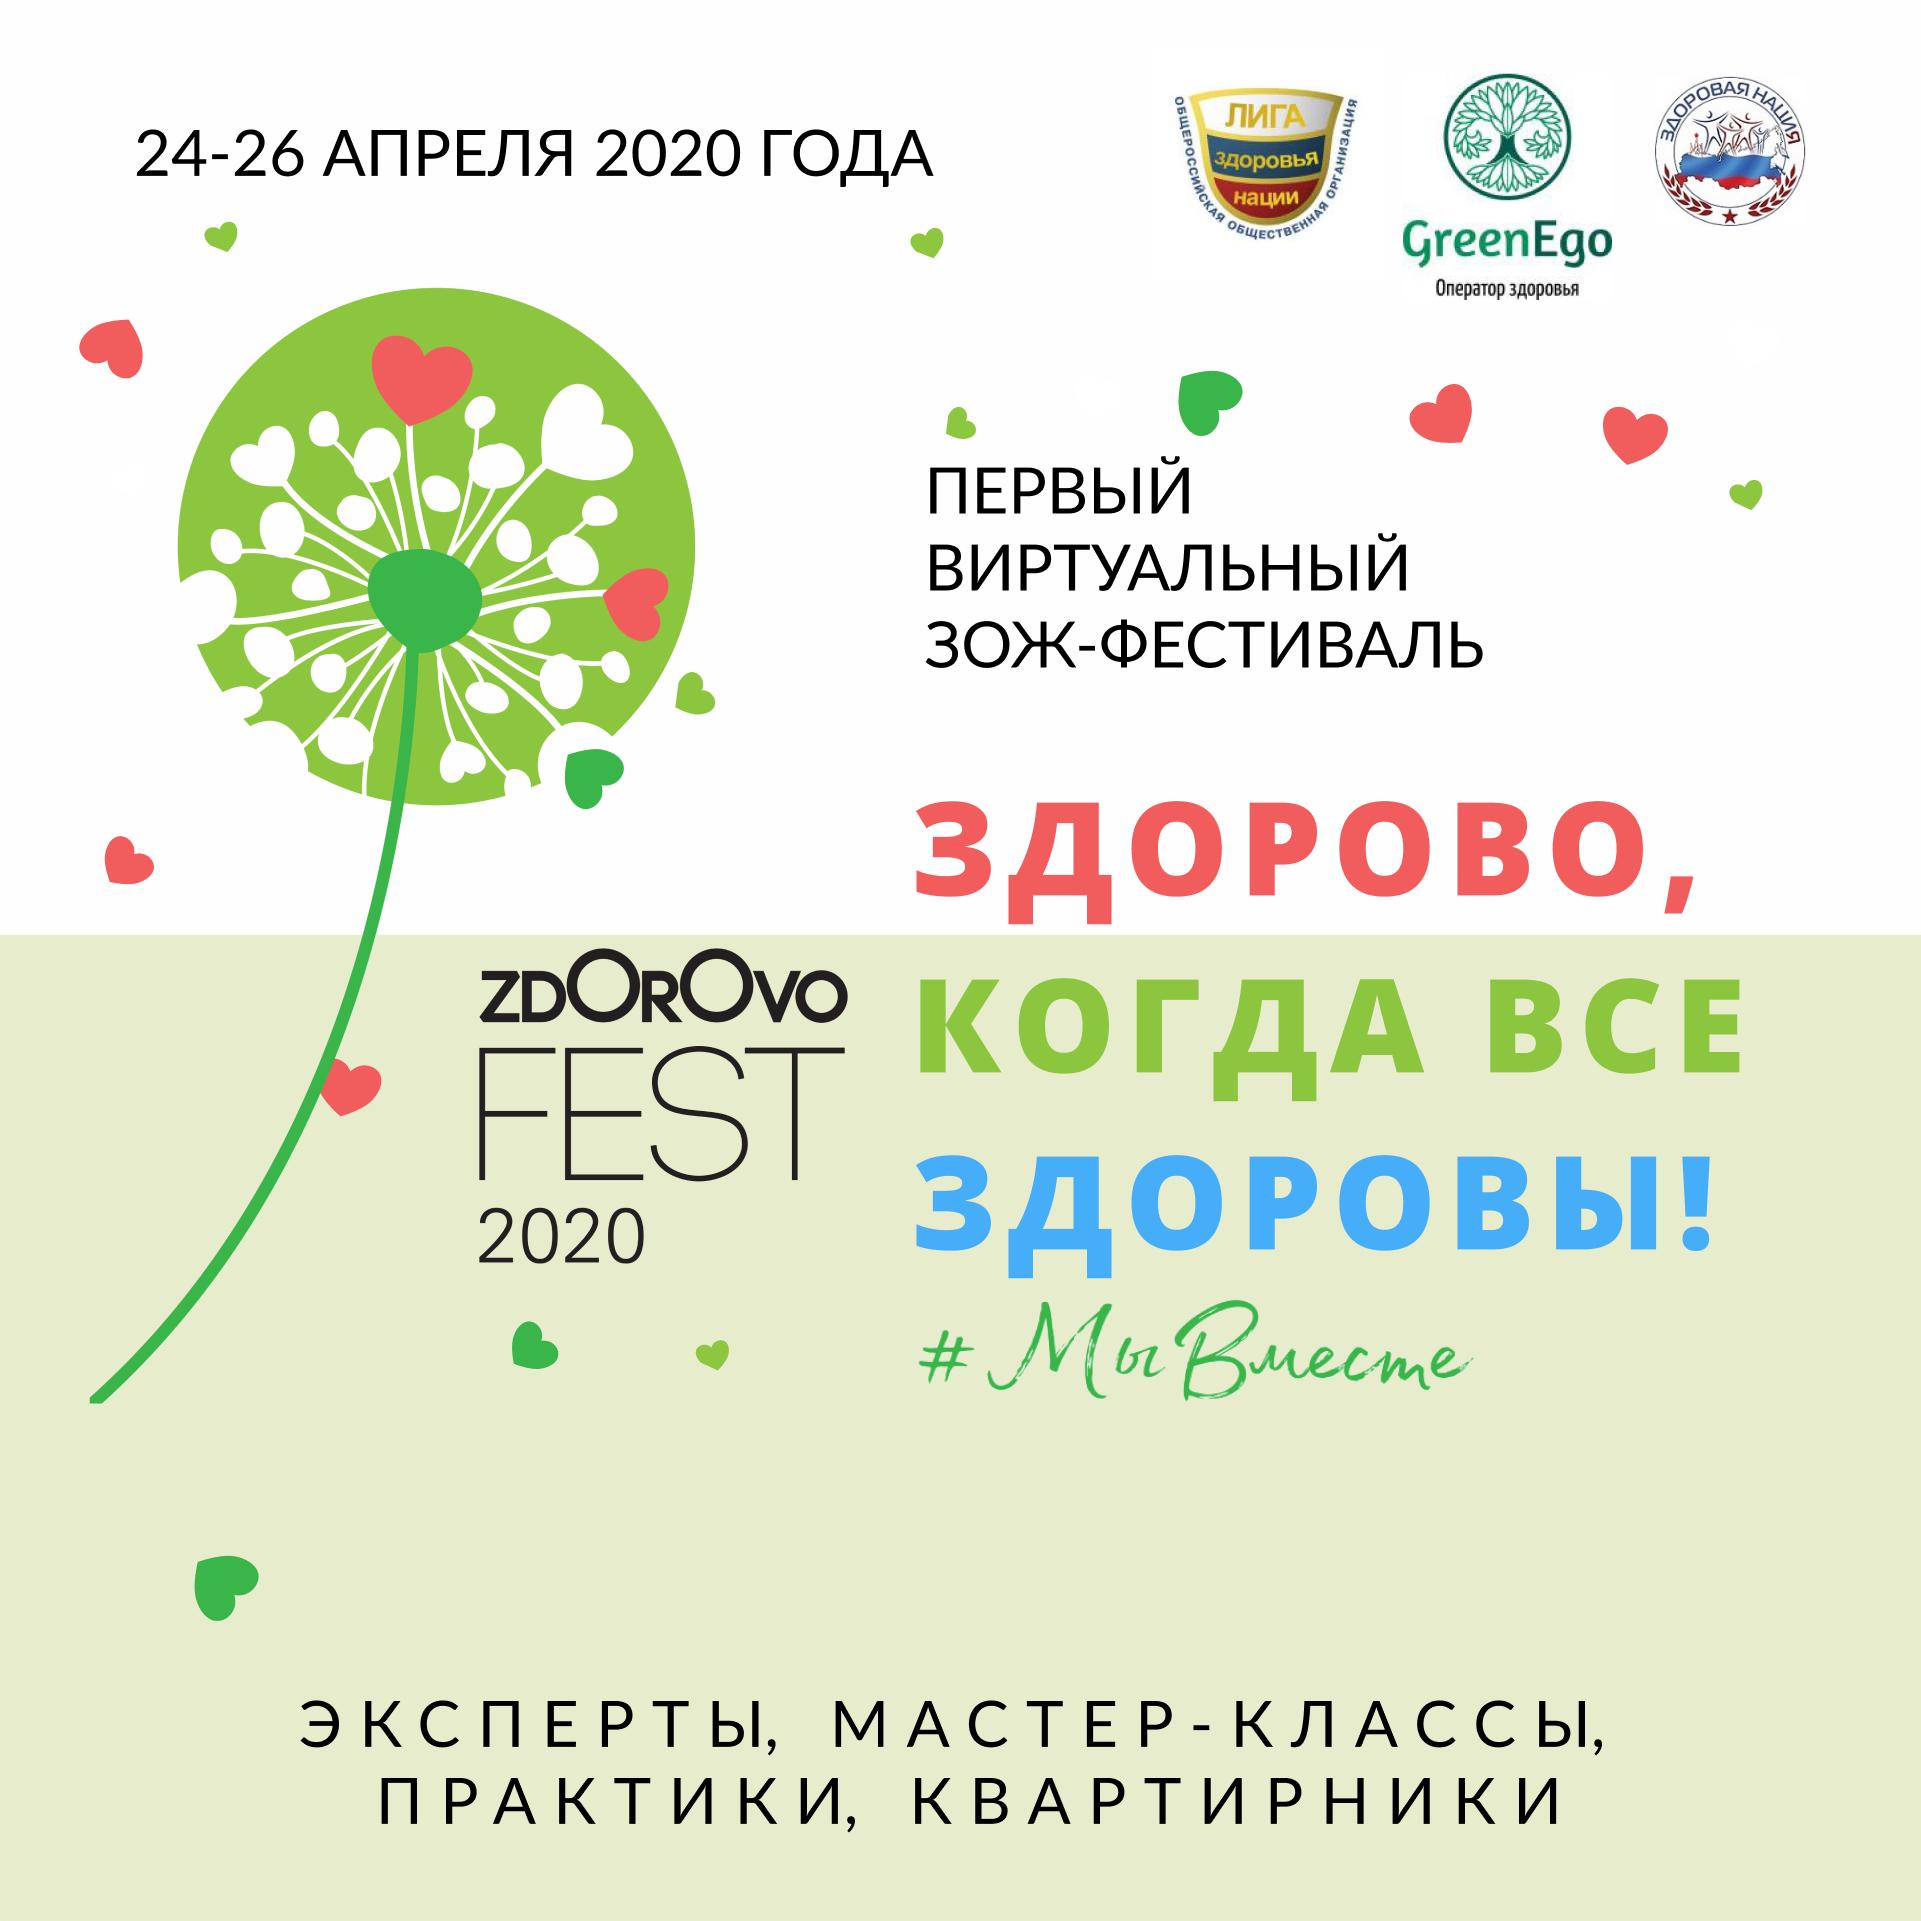 Фестиваль здорового и осознанного образа жизни ZdOrOvo Fest онлайн